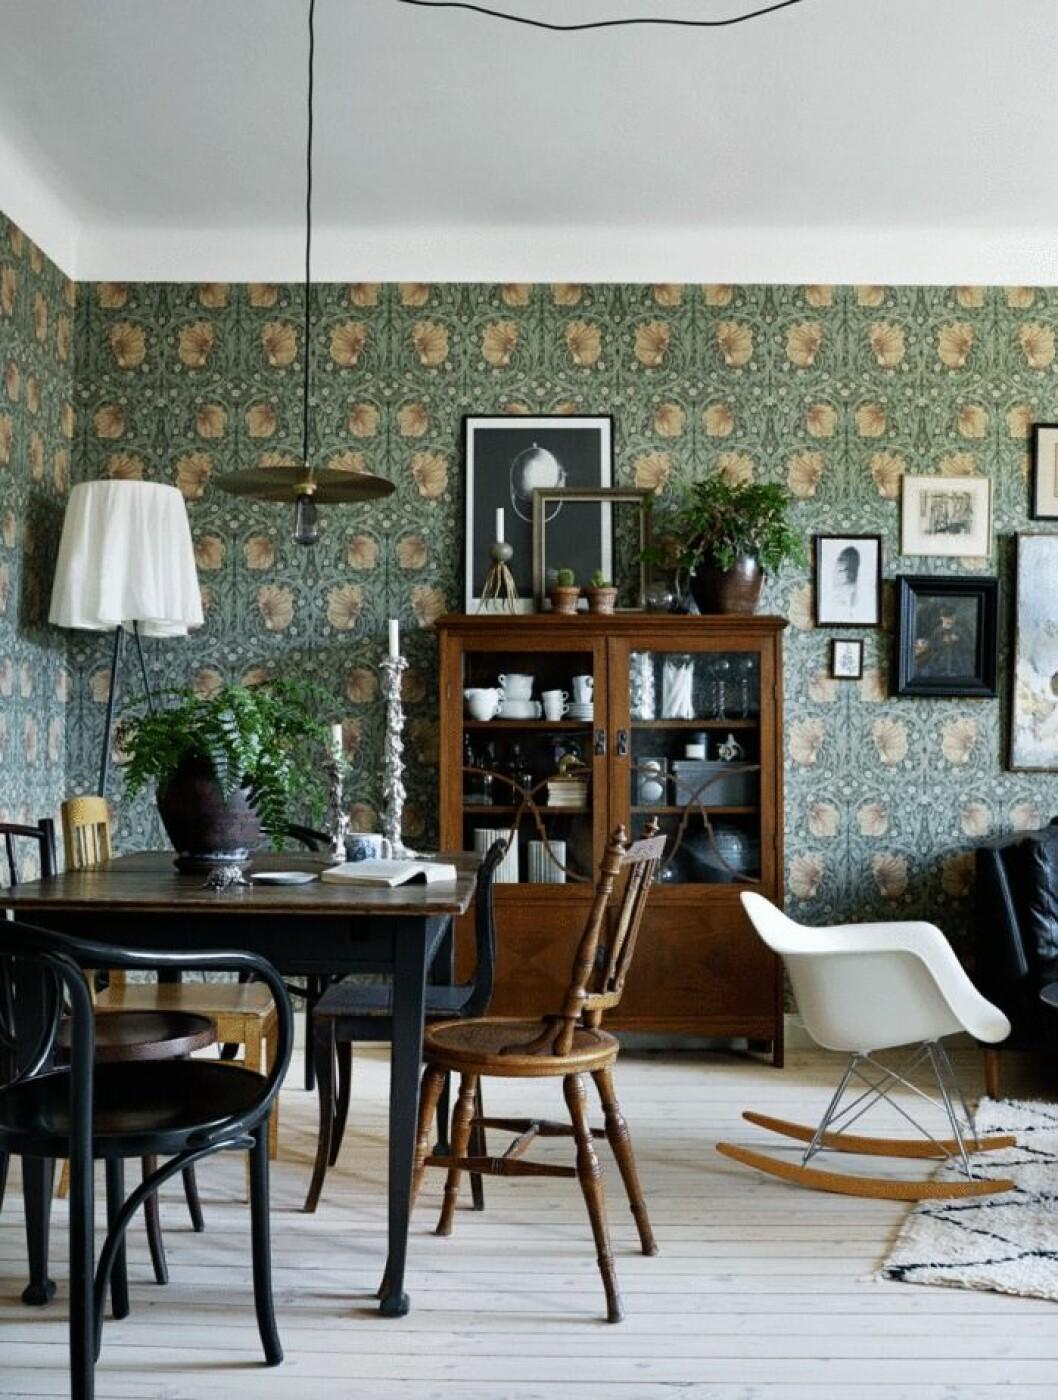 Vardagsrum med färgstark tapet i härligt mörkgrönt mönster